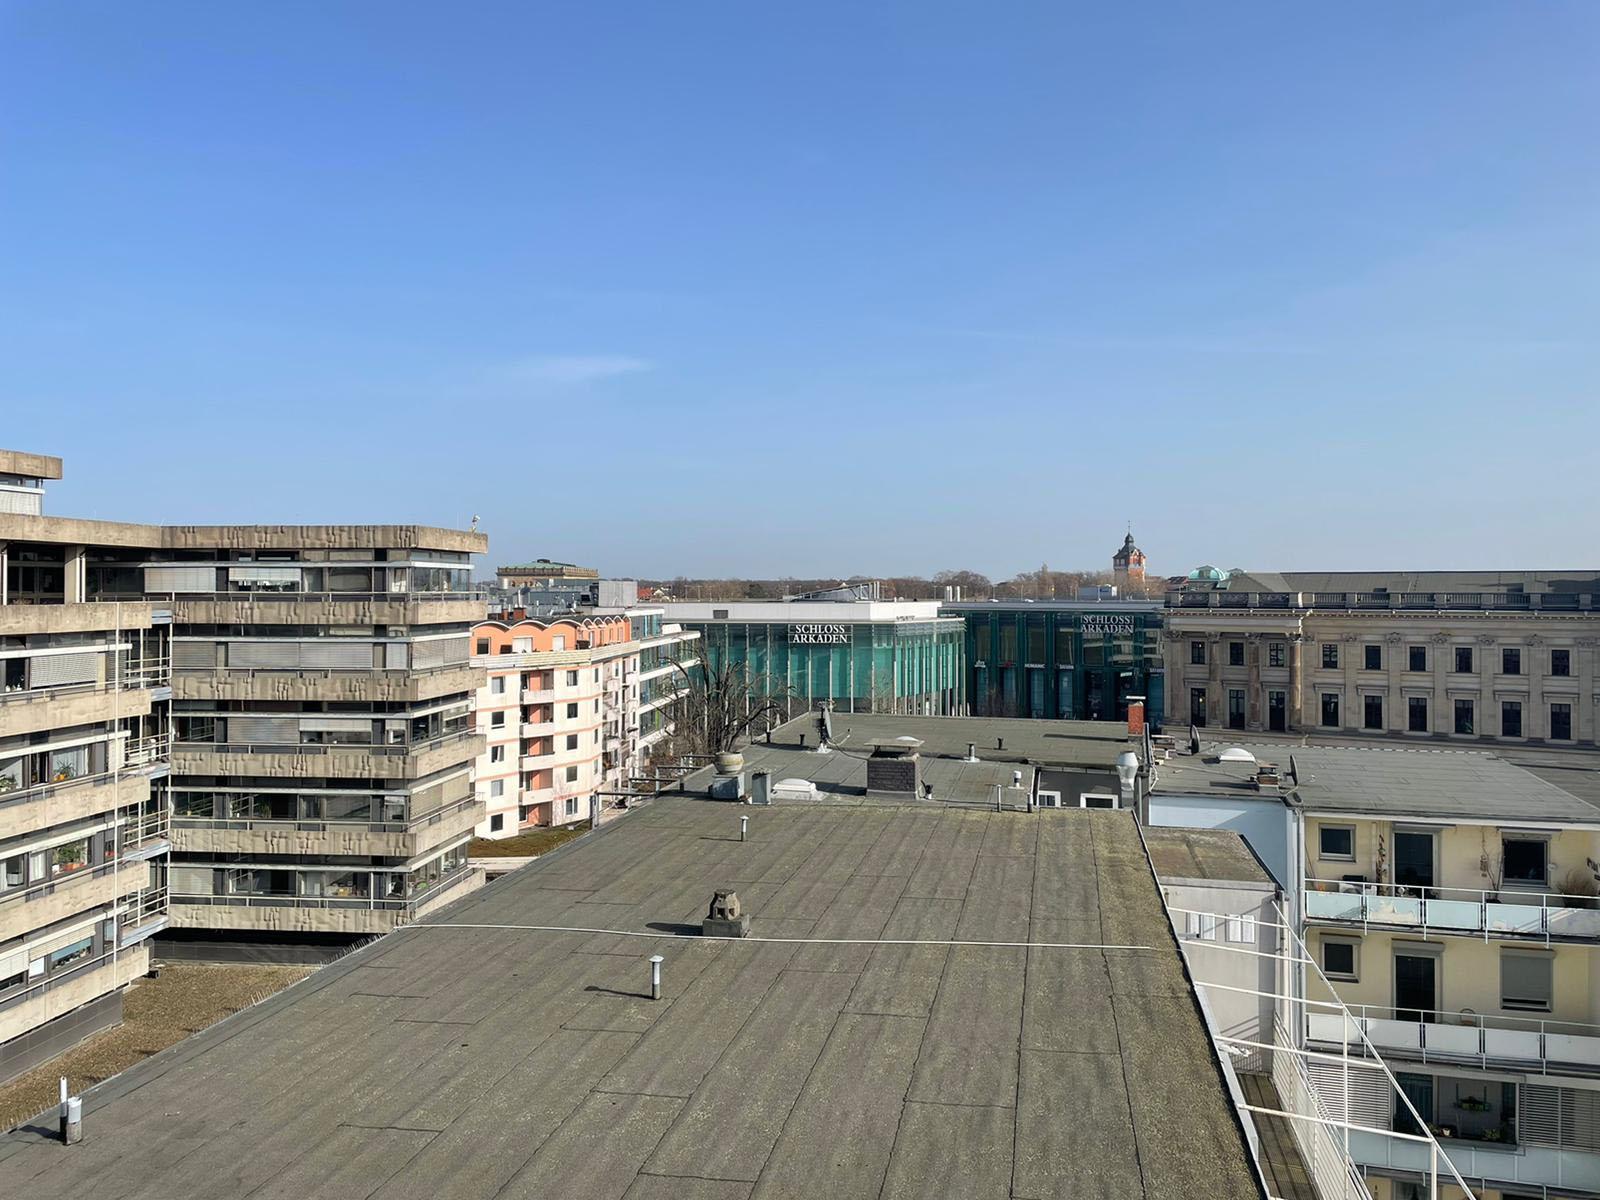 Flachdach in der Braunschweiger Innenstadt